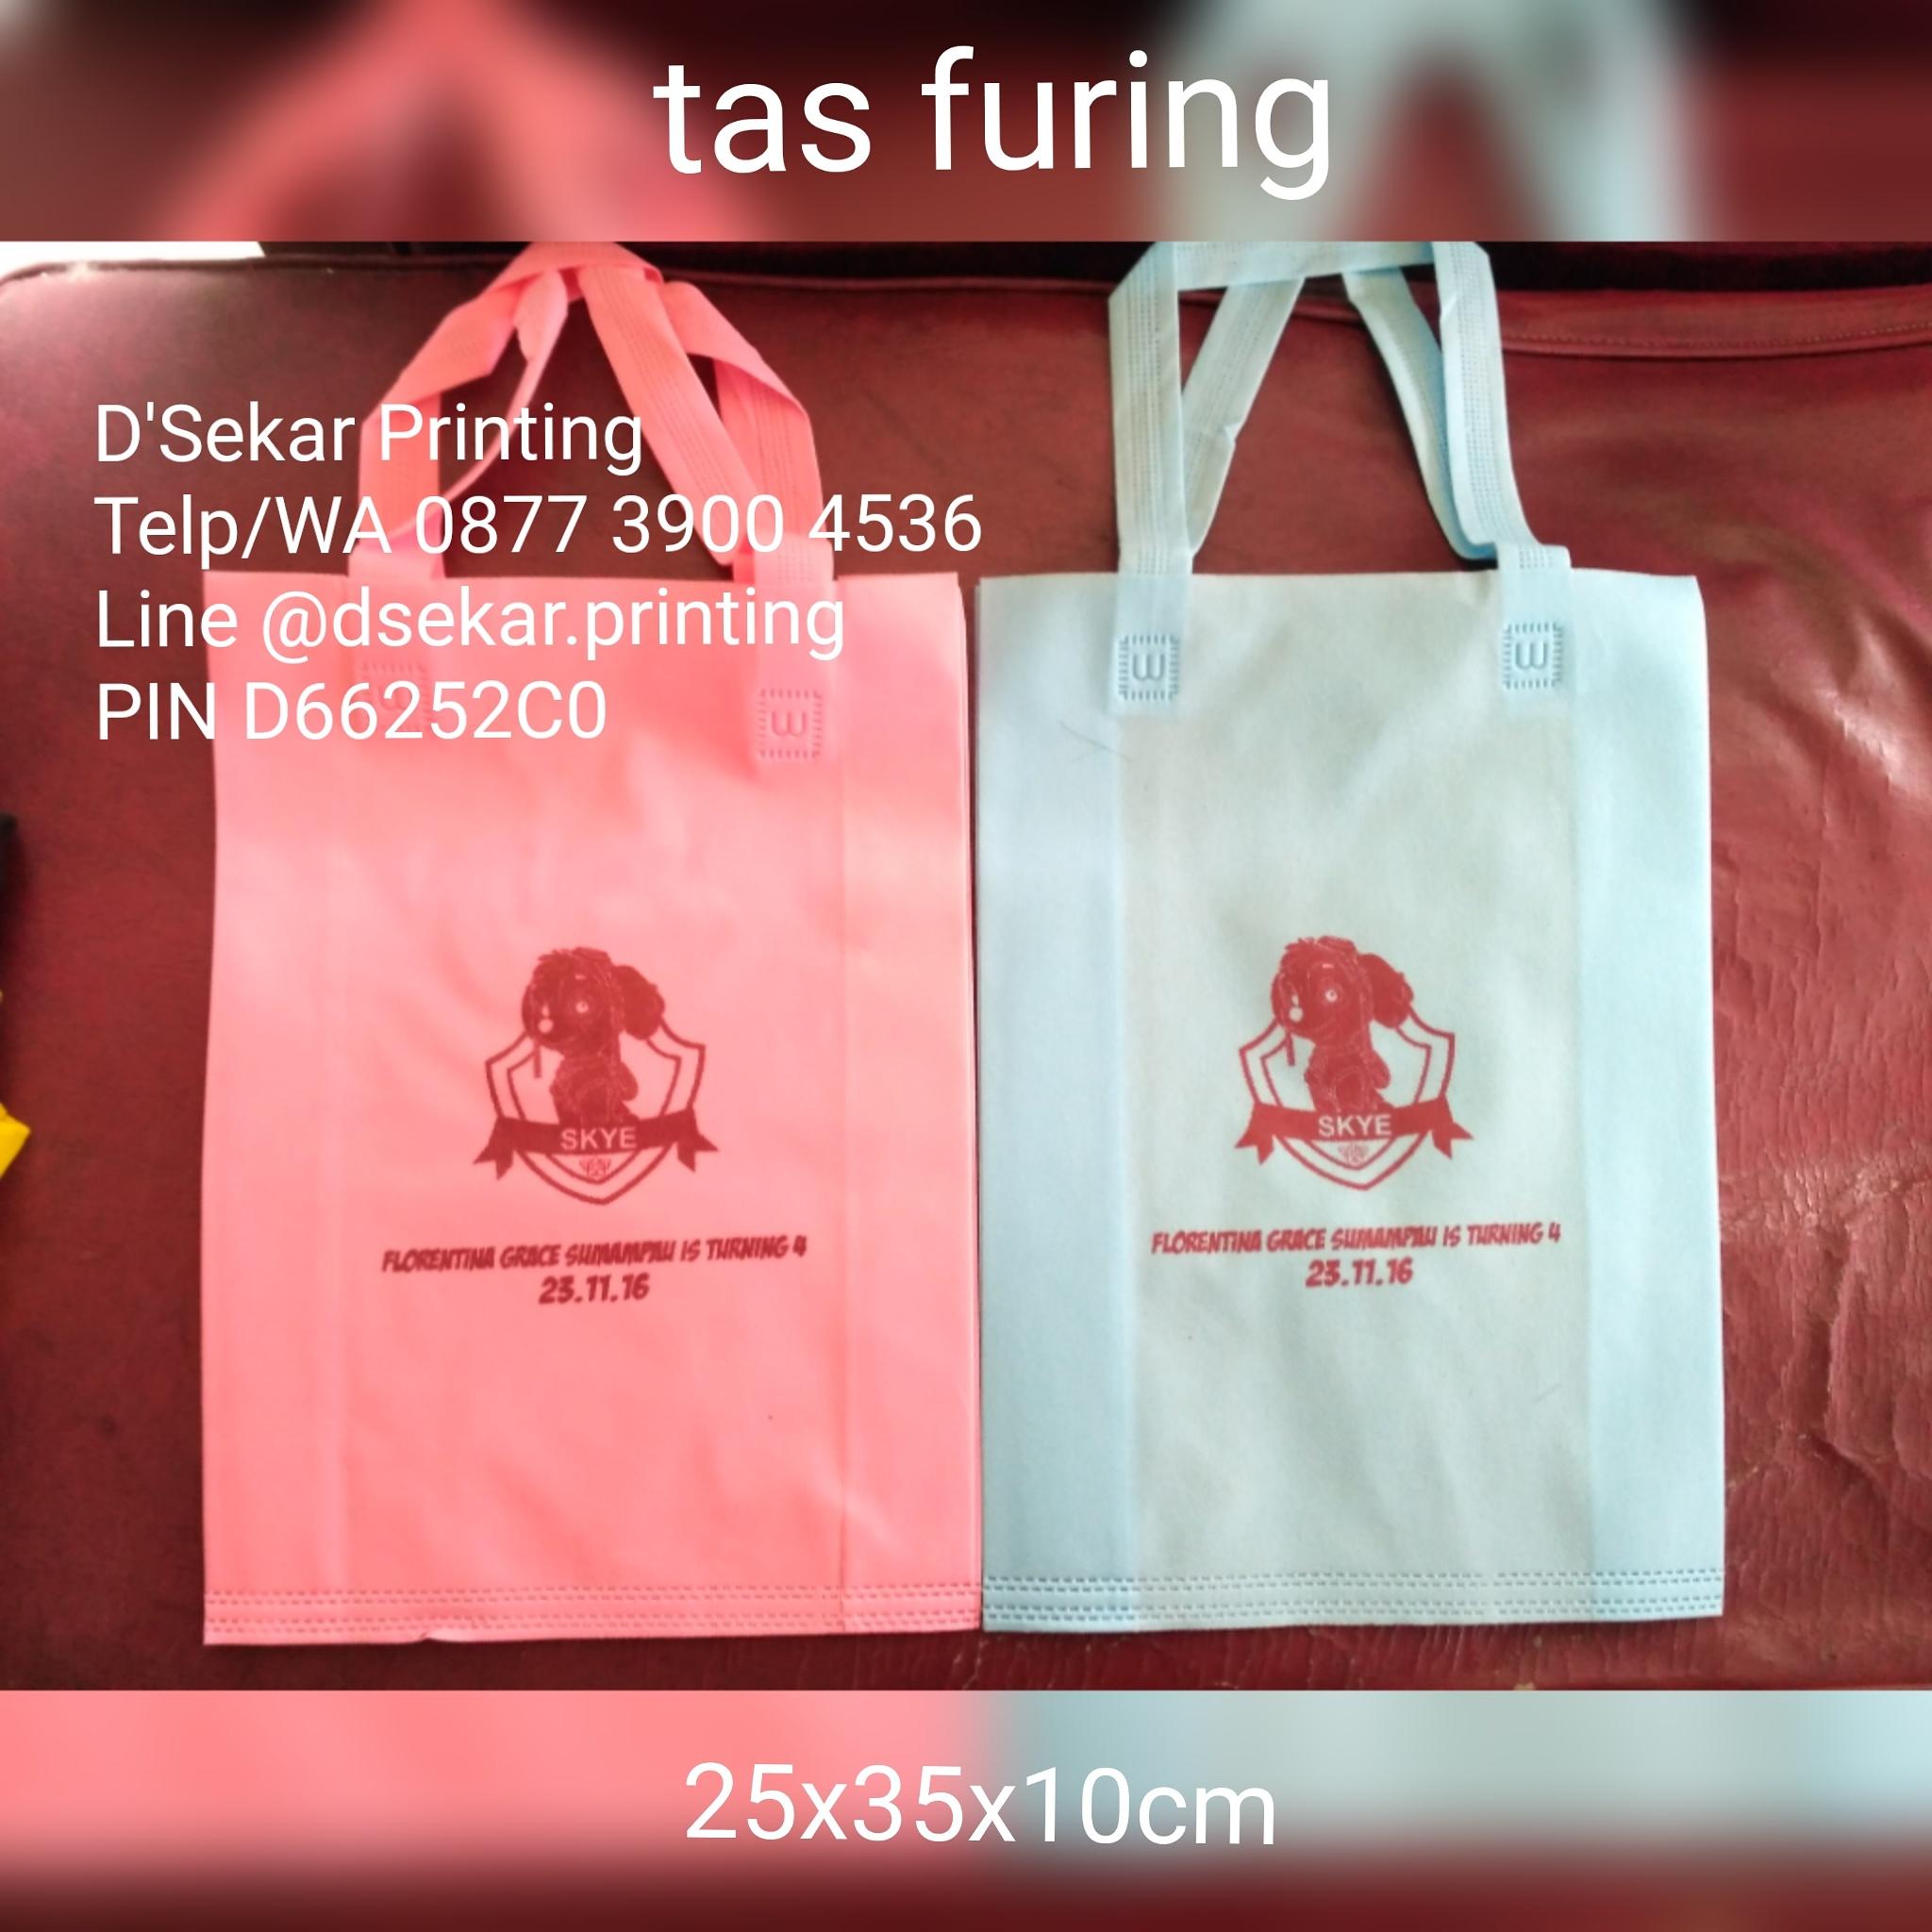 Tas Furing Jasa Cetak Sablon Jasa Cetak Sablon 69652348f1